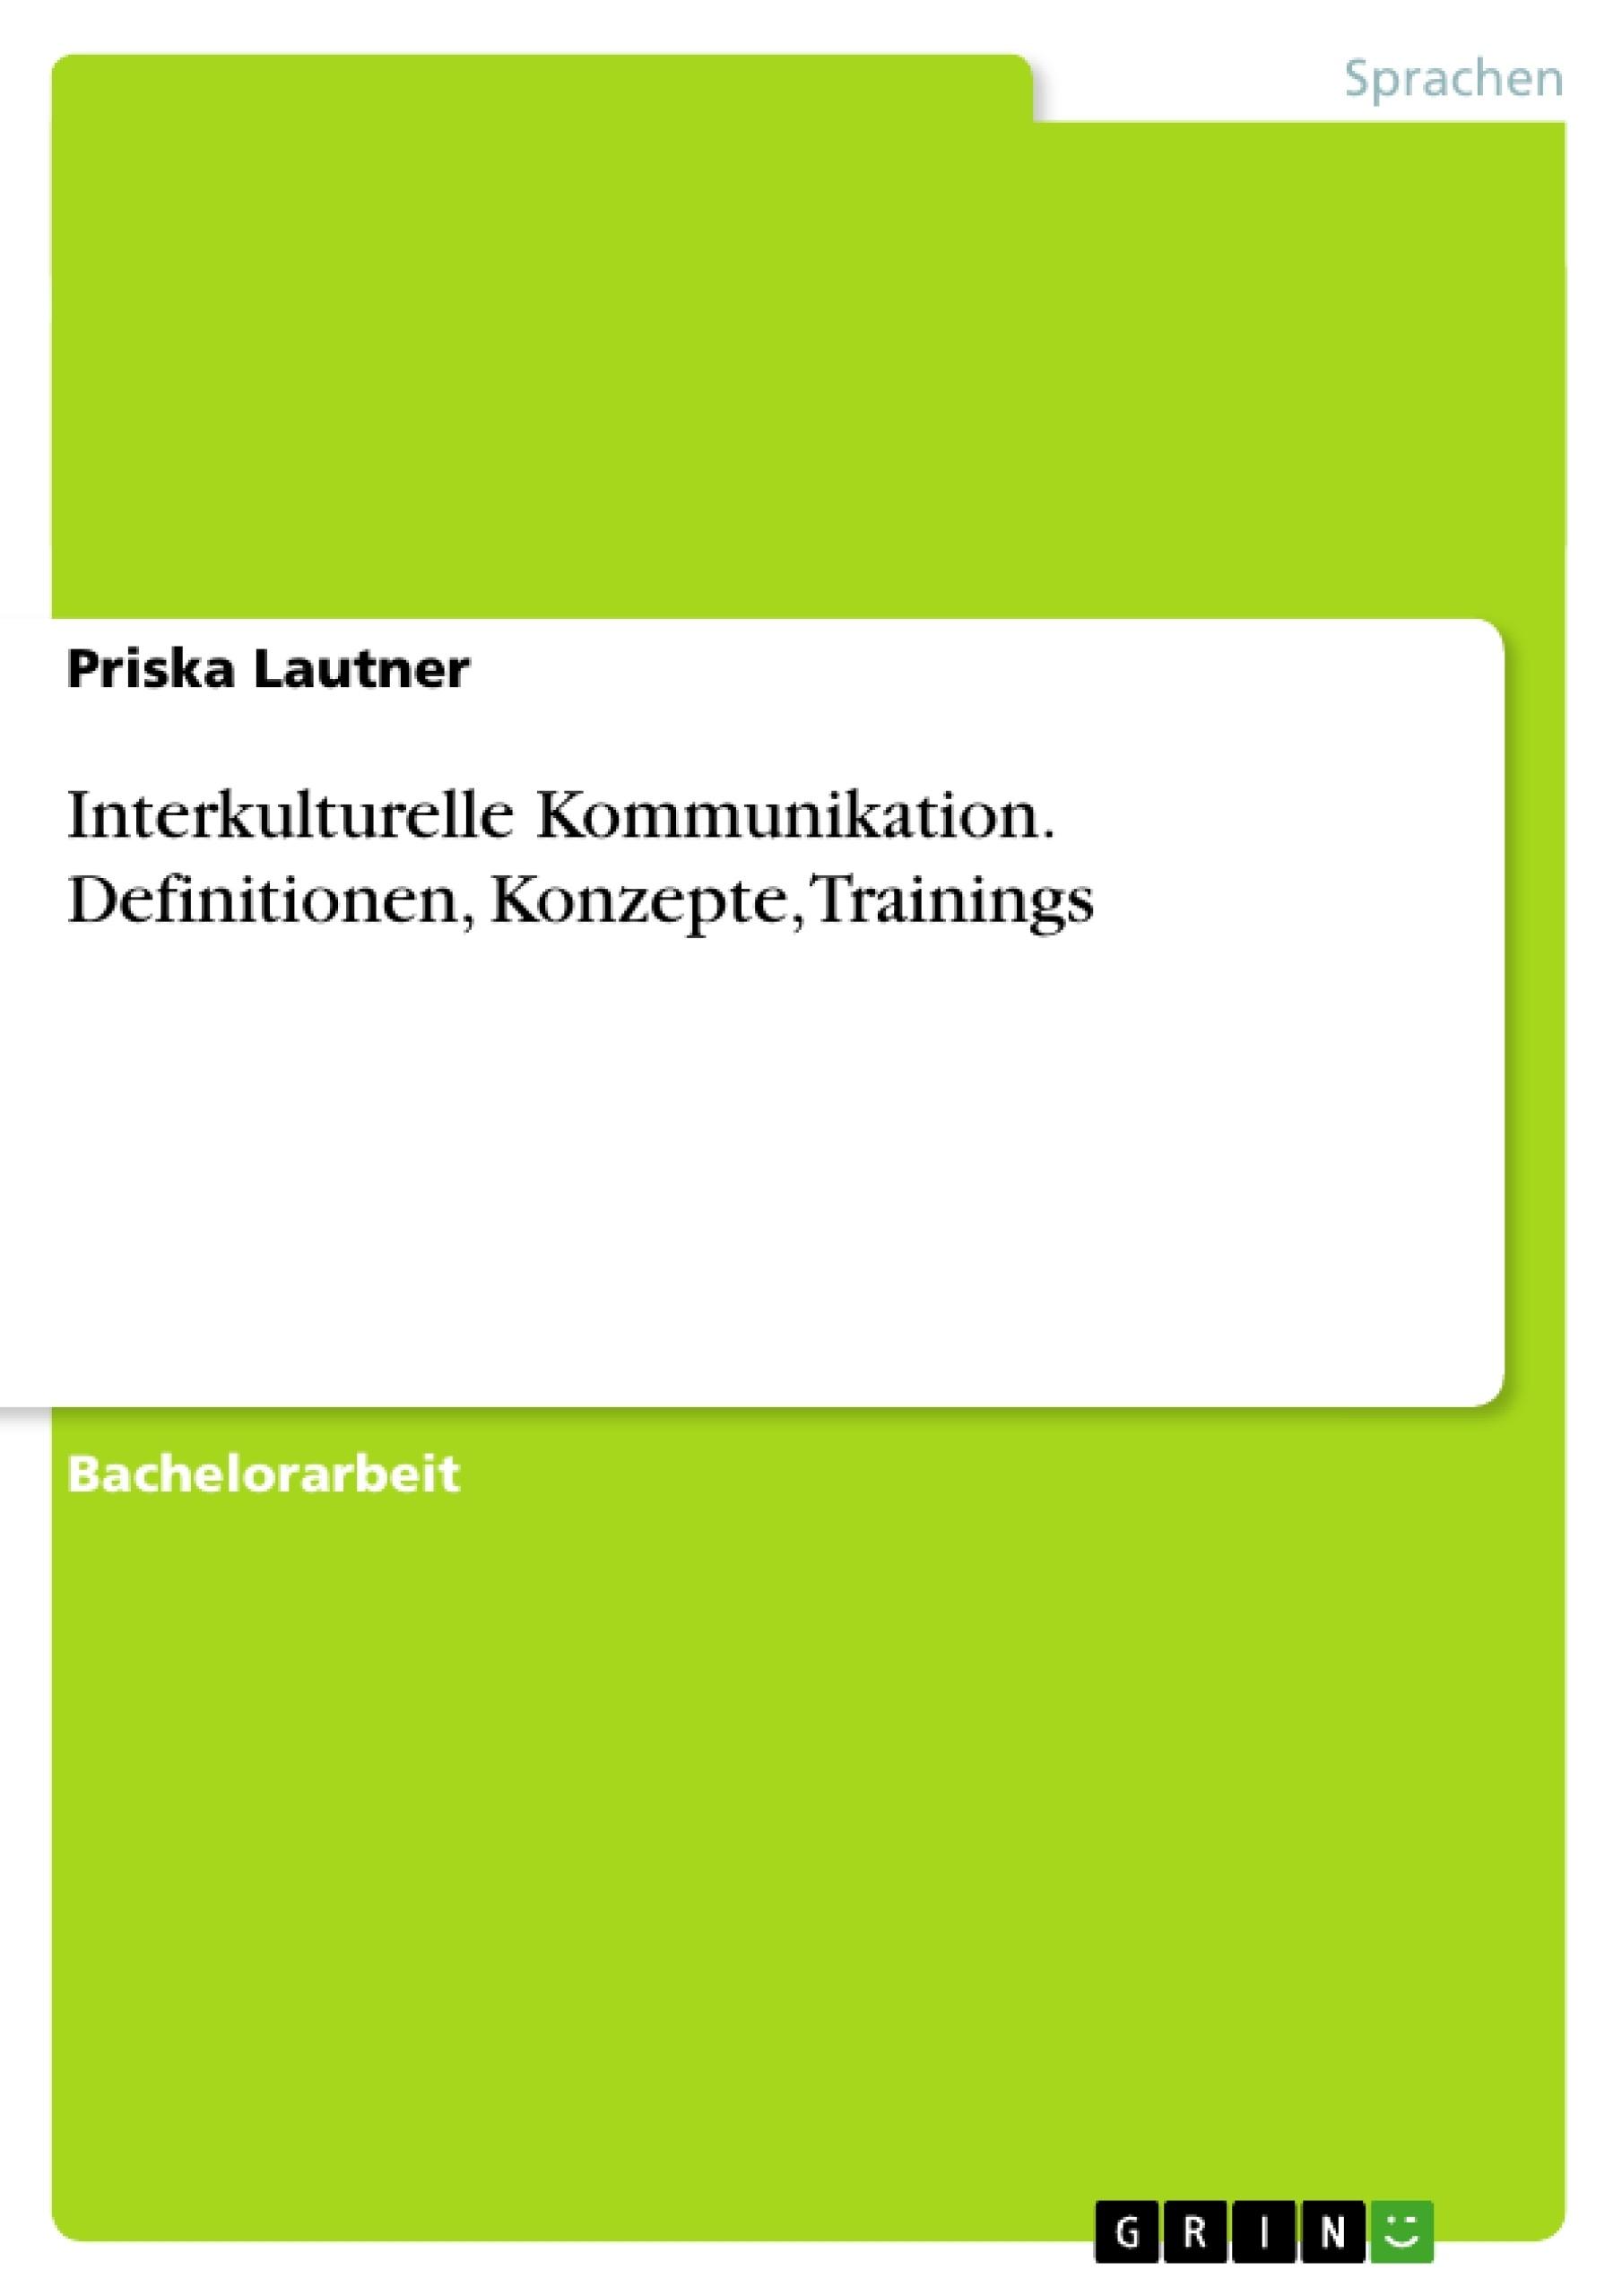 Titel: Interkulturelle Kommunikation. Definitionen, Konzepte, Trainings